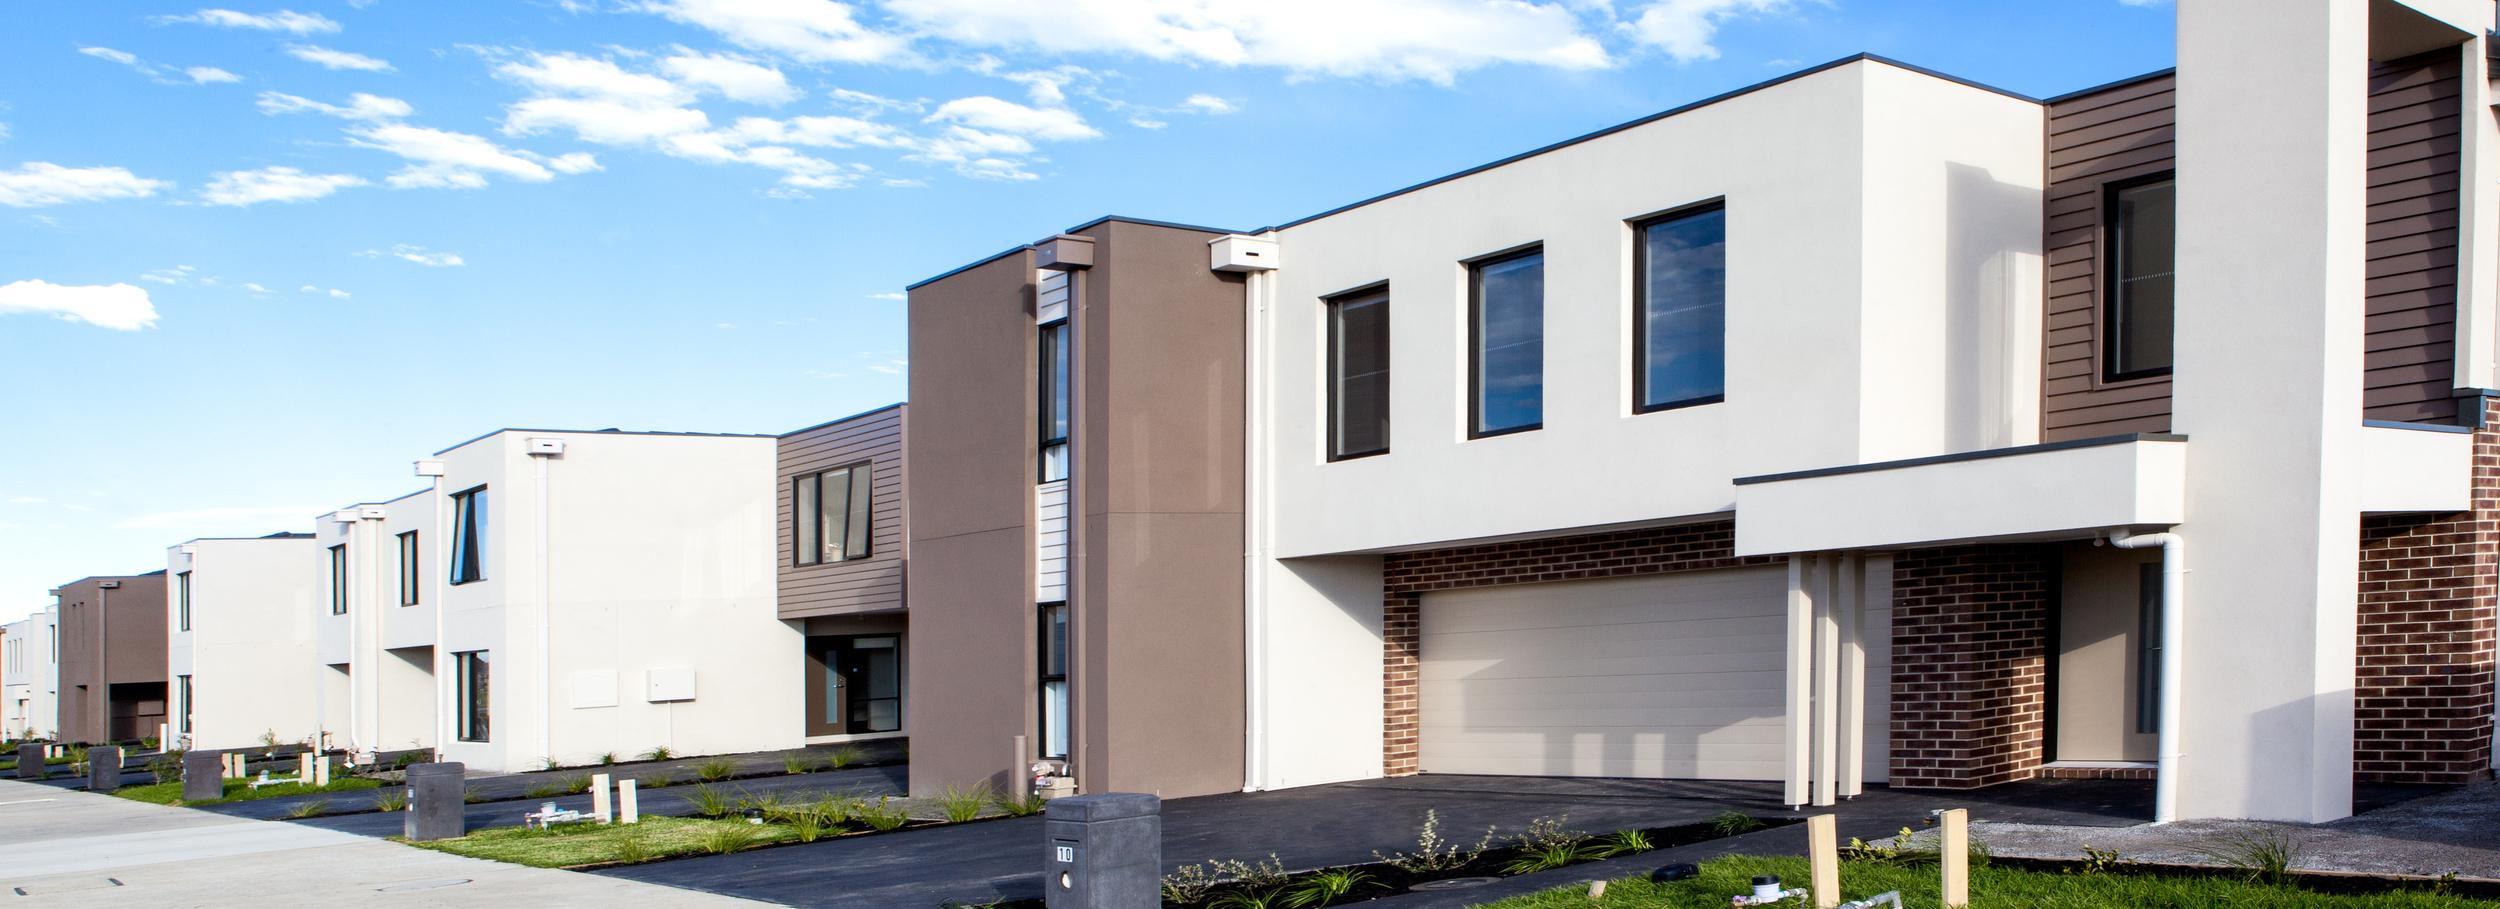 pakenham town houses -02.jpg